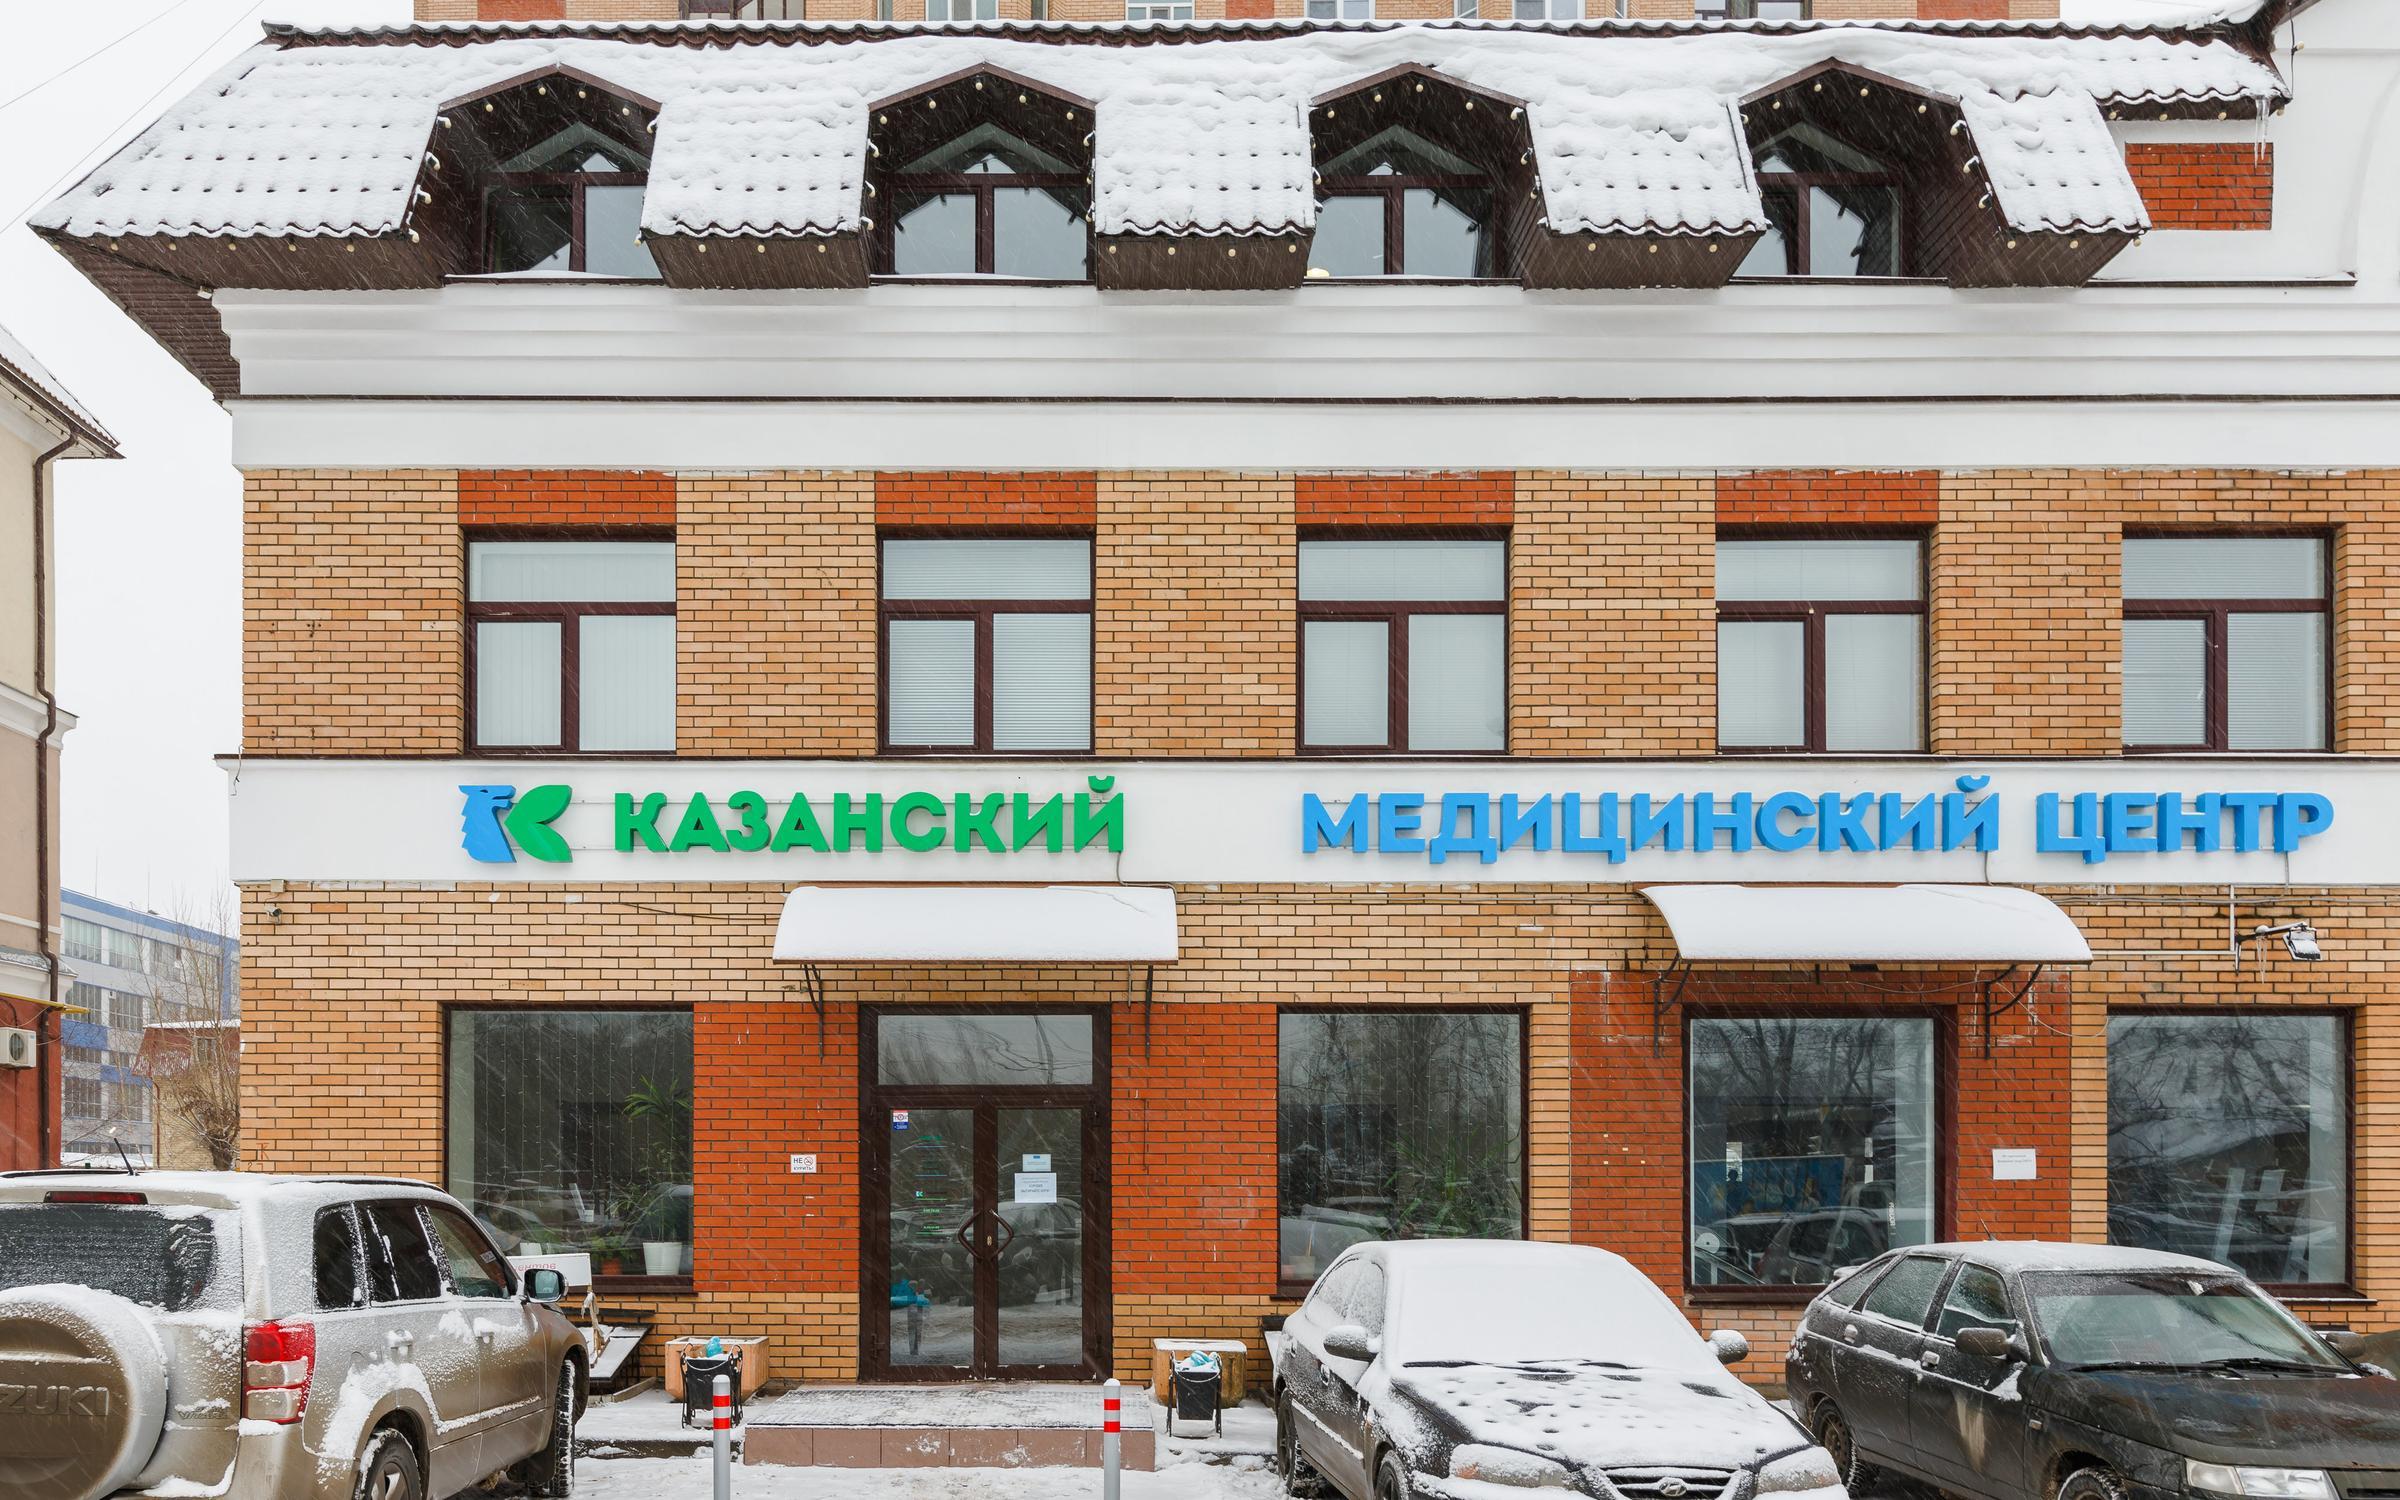 фотография Медицинского центра Казанский в Вахитовском районе